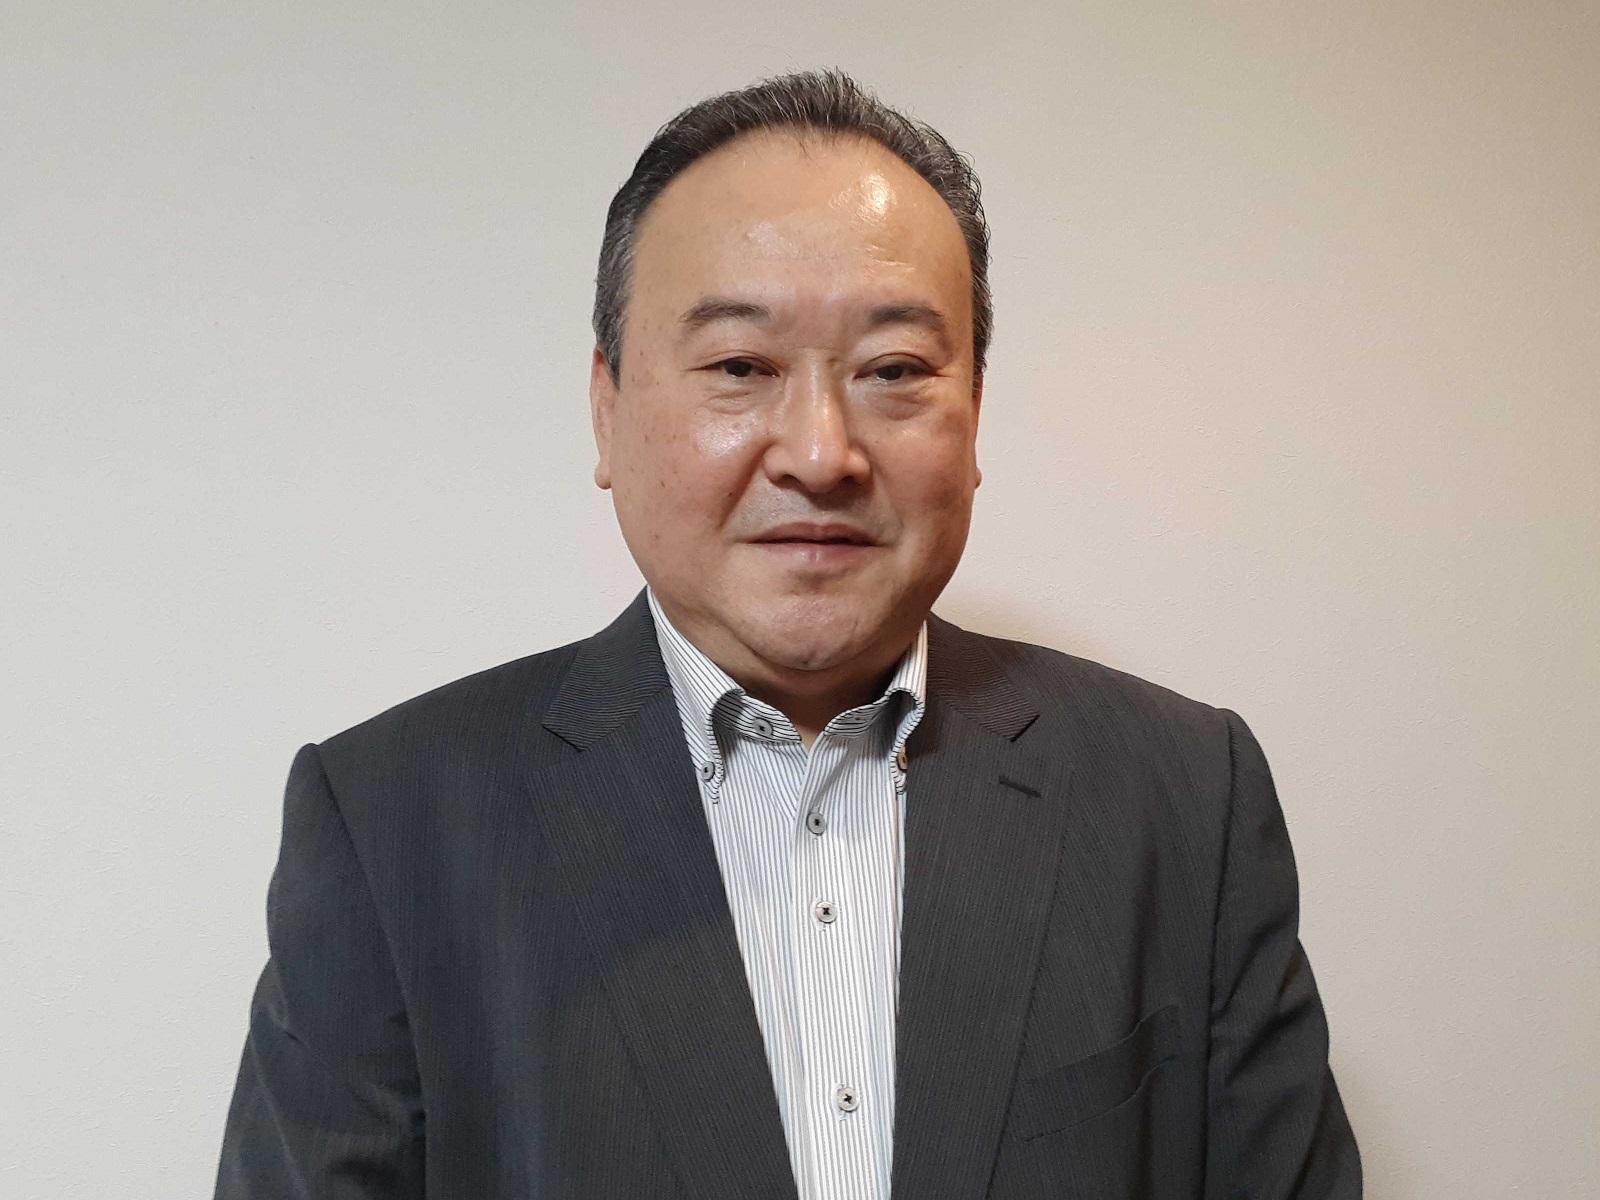 サイバー・ネット・コミュニケーションズ株式会社 鈴木様